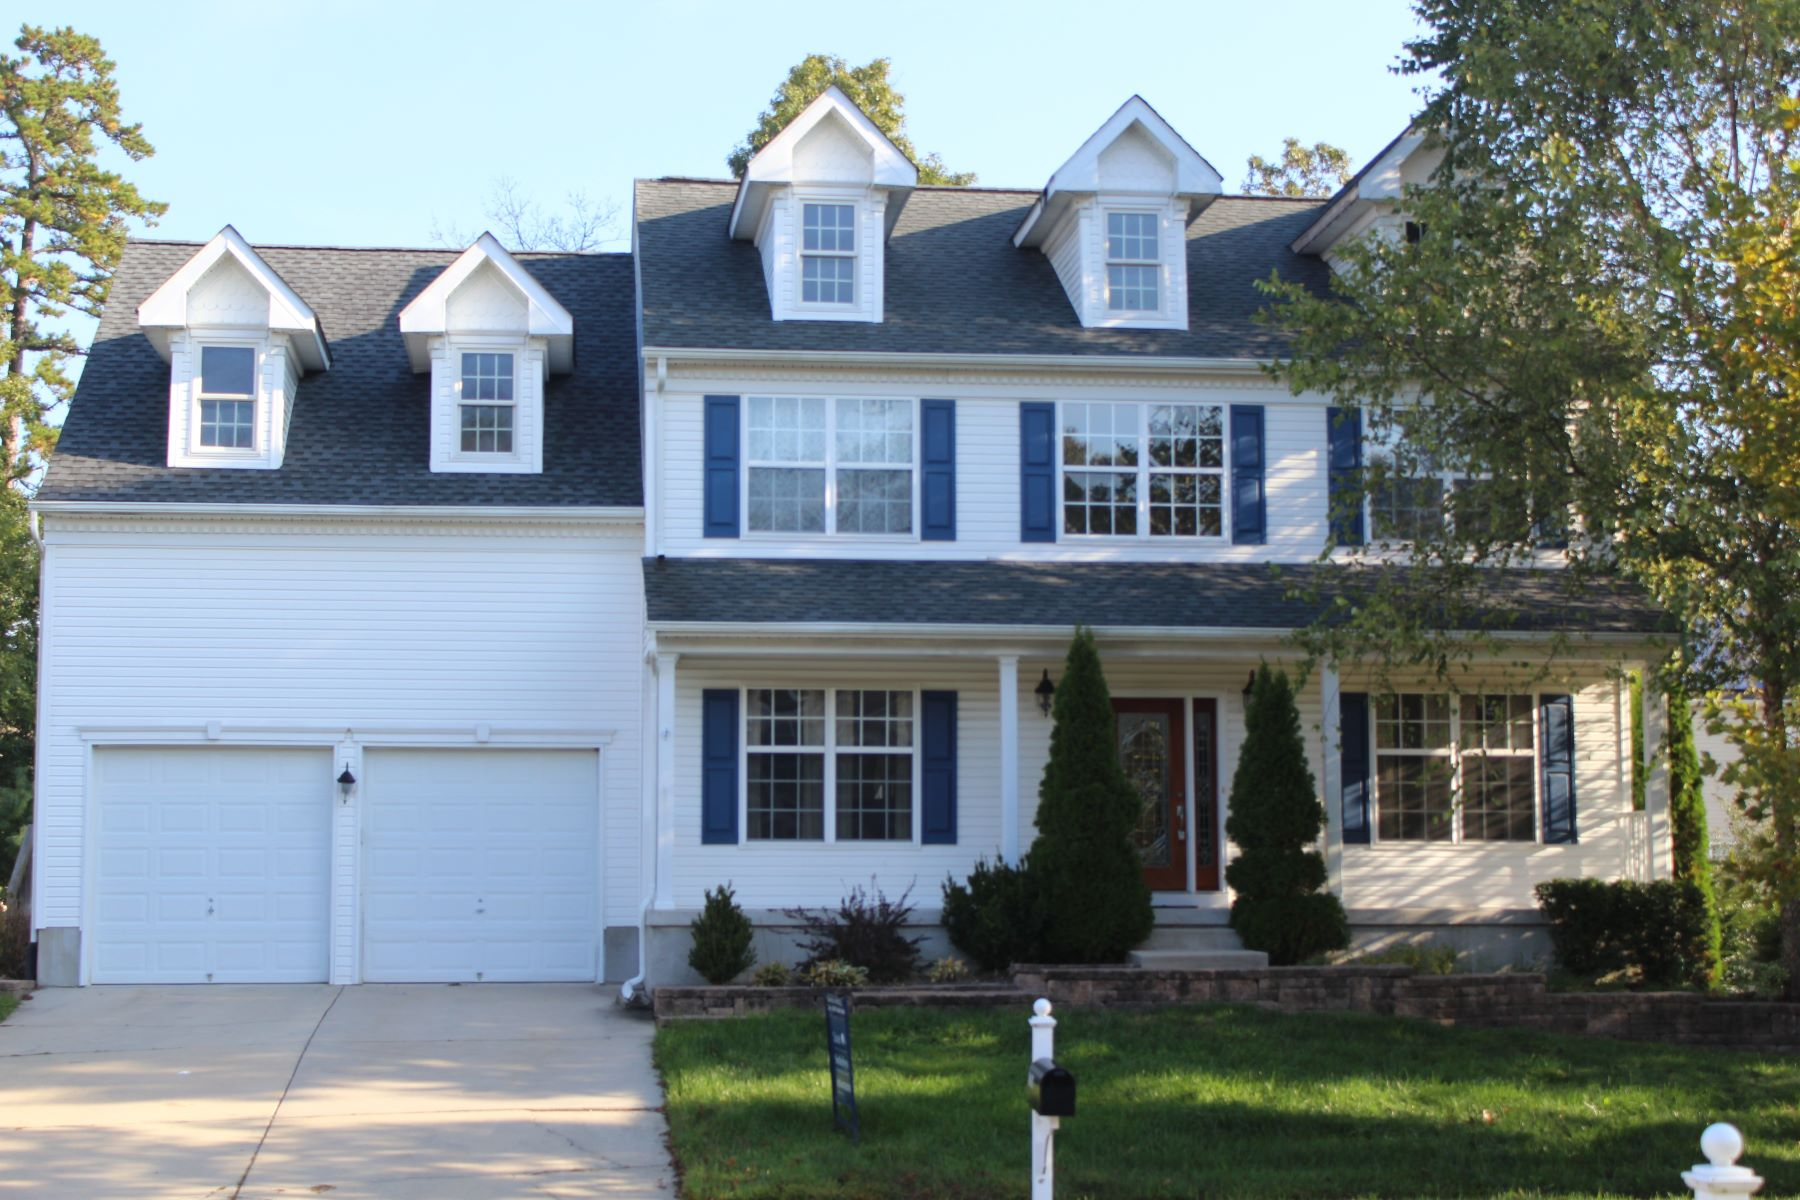 Maison unifamiliale pour l Vente à 103 Offshore Road Egg Harbor Township, New Jersey 08234 États-Unis